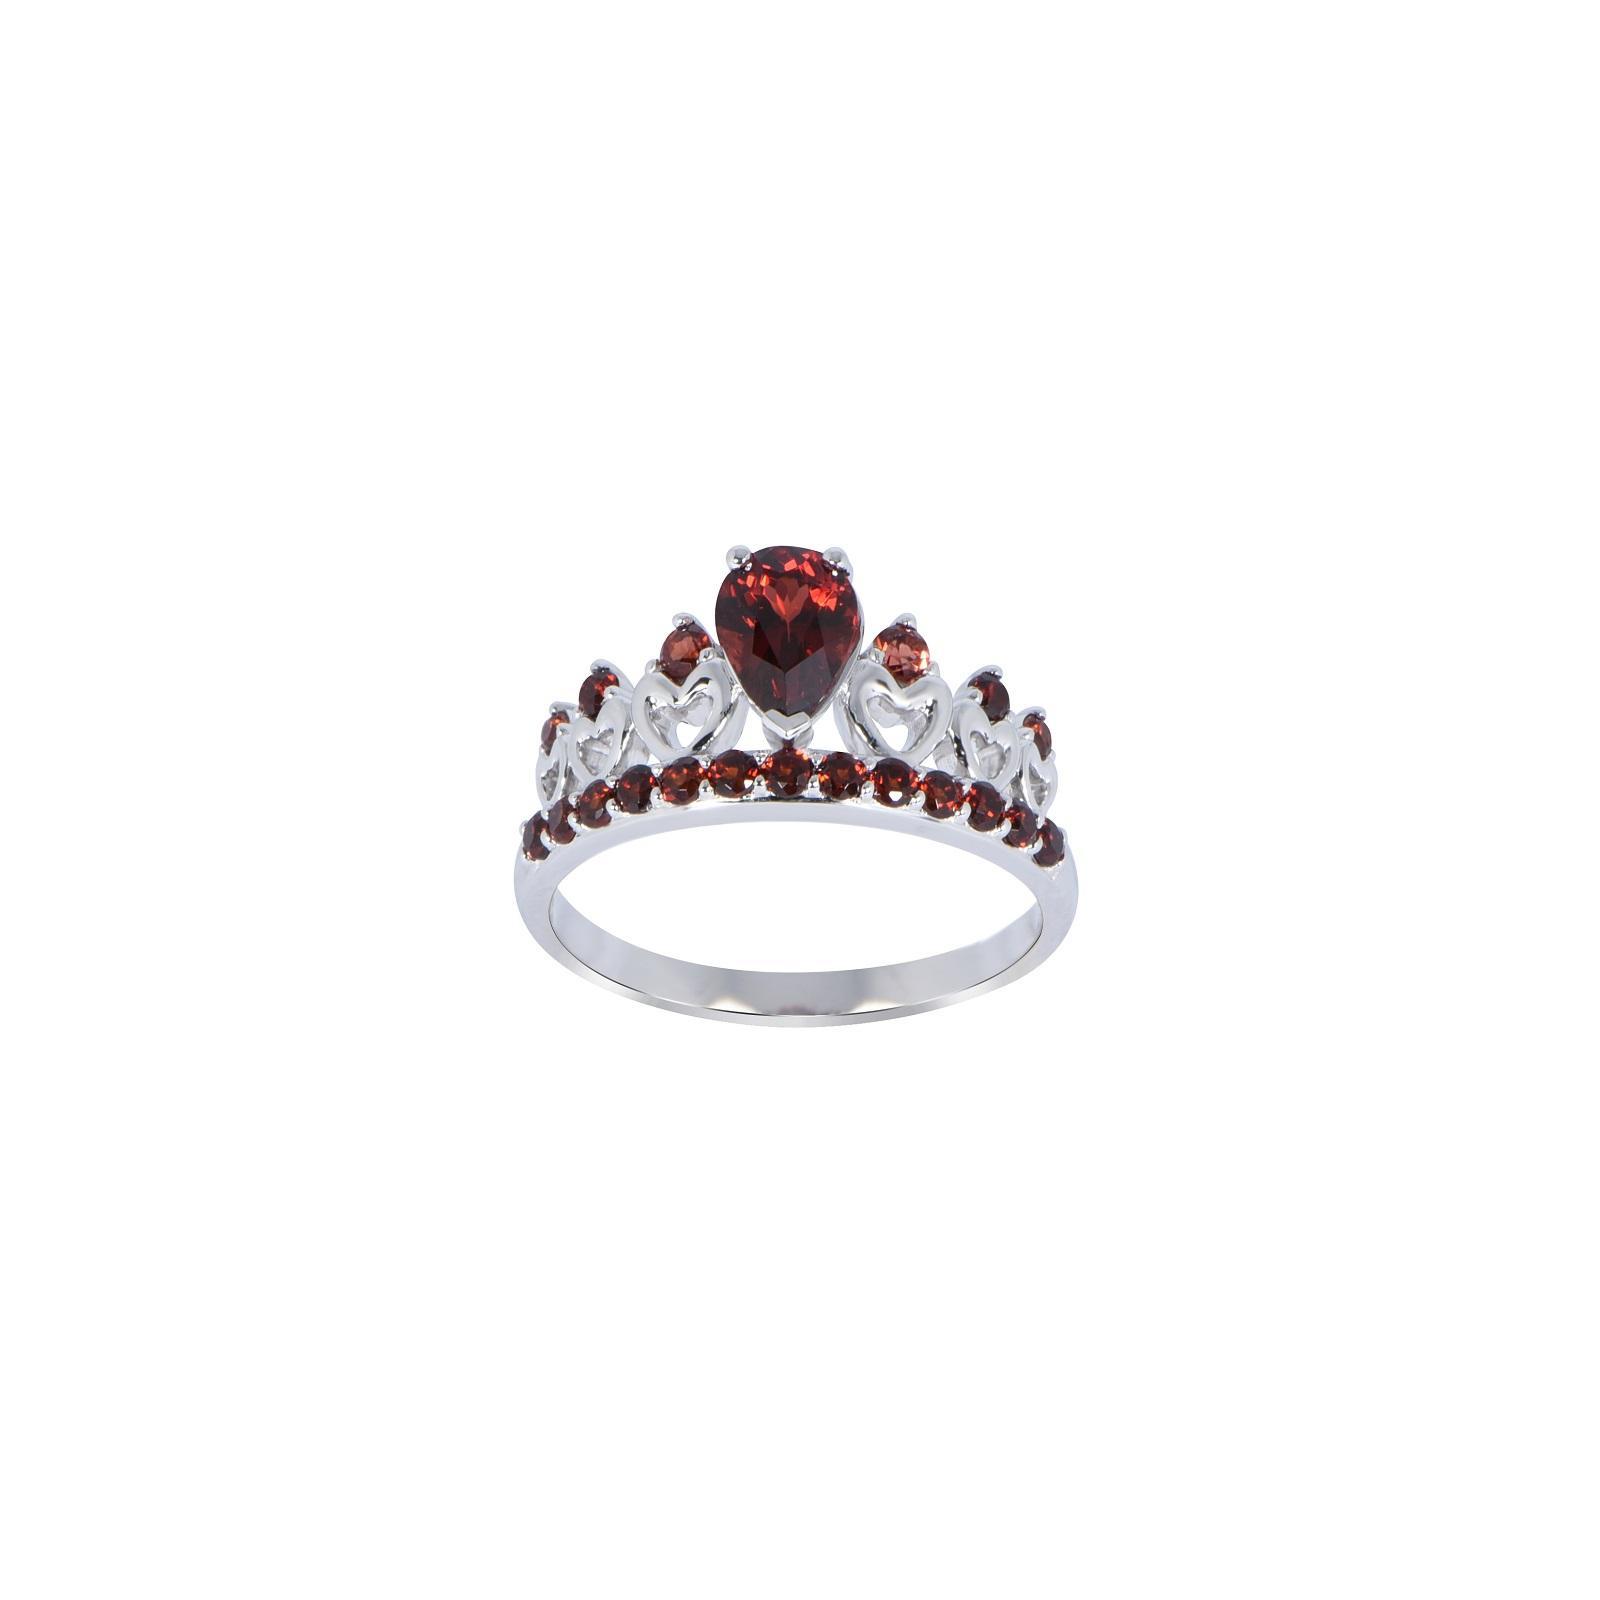 Nhẫn đá Garnet 20N066.6TY